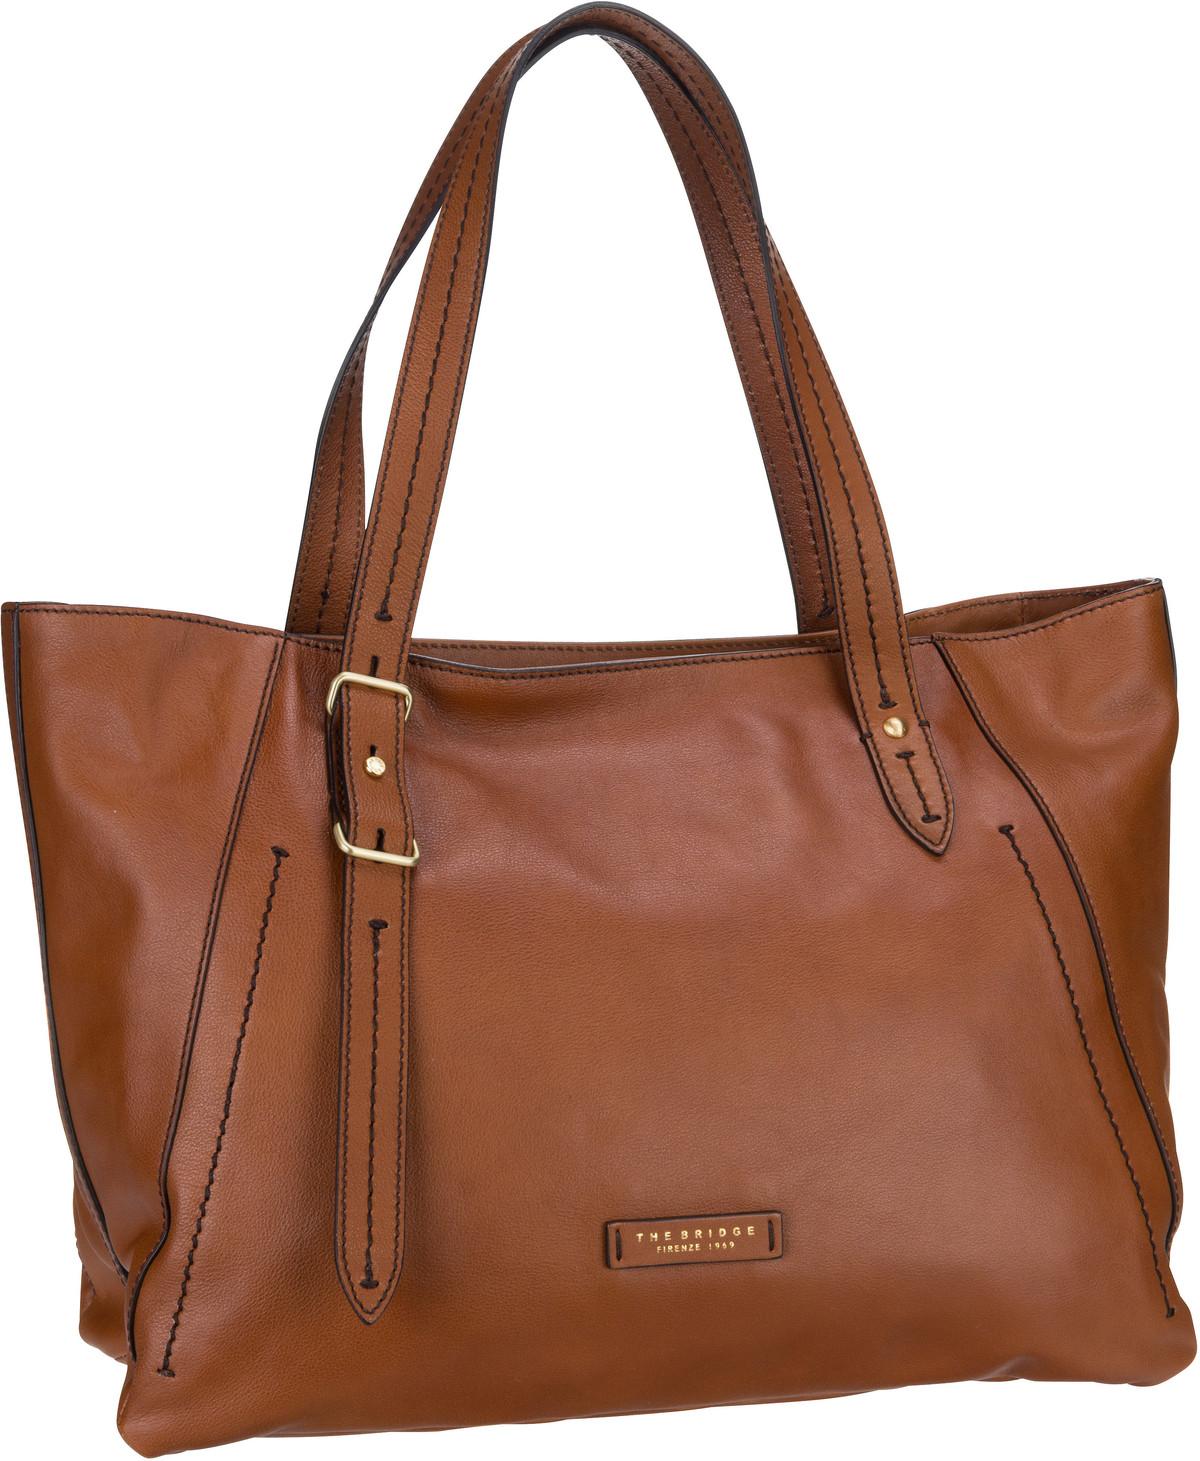 Handtasche Tintori 3940 Cognac/Oro